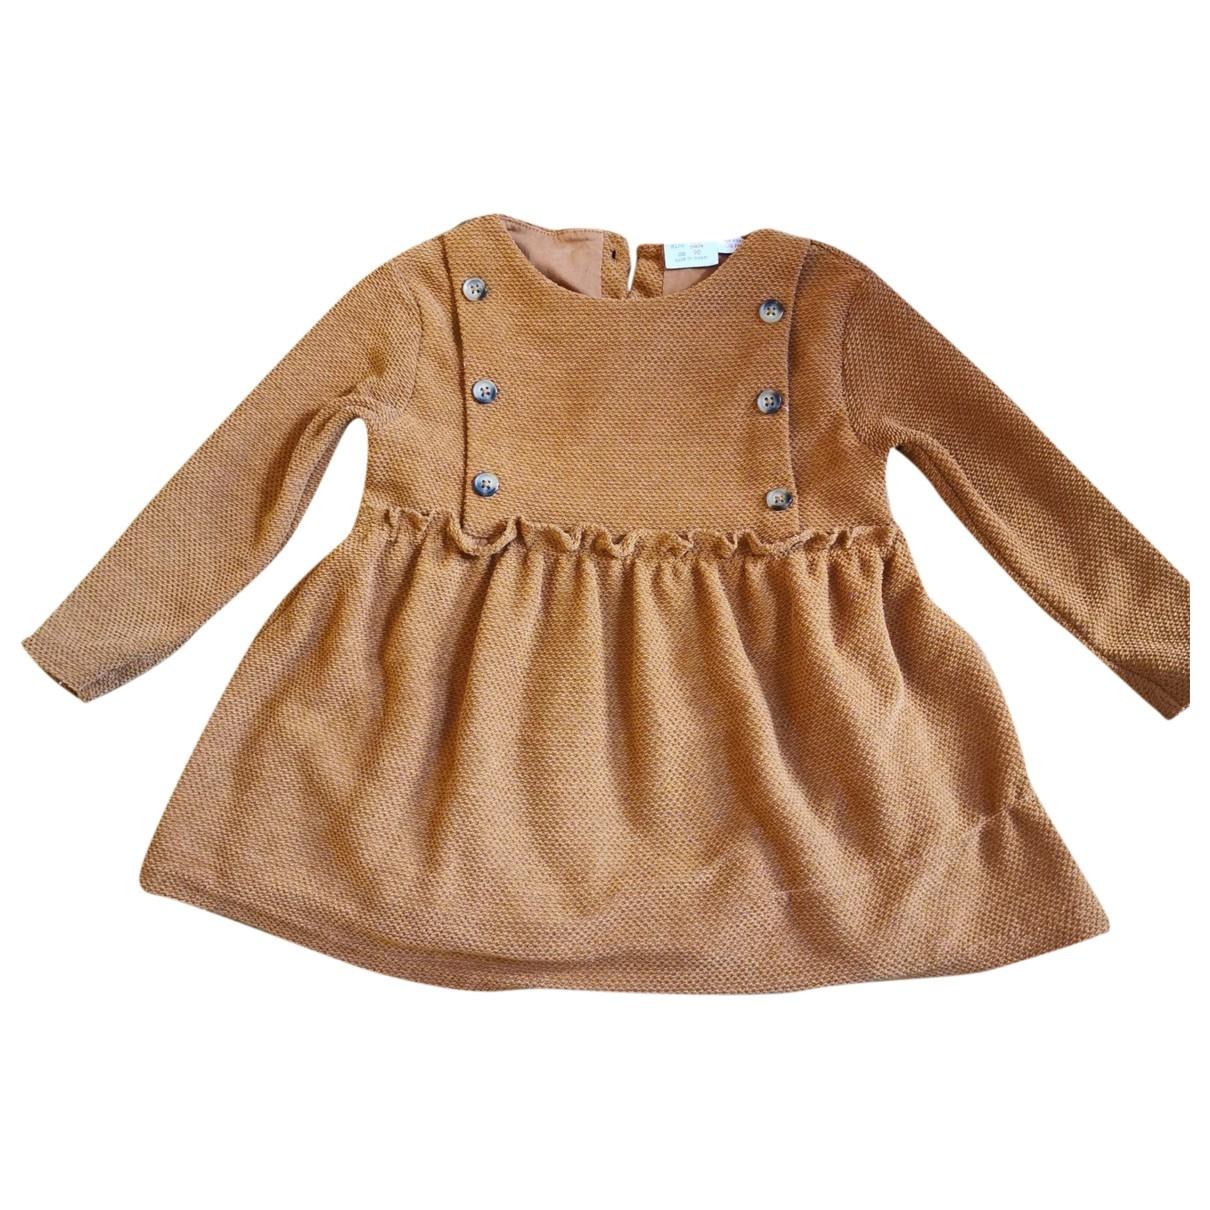 Zara \N Kleid in  Kamel Baumwolle